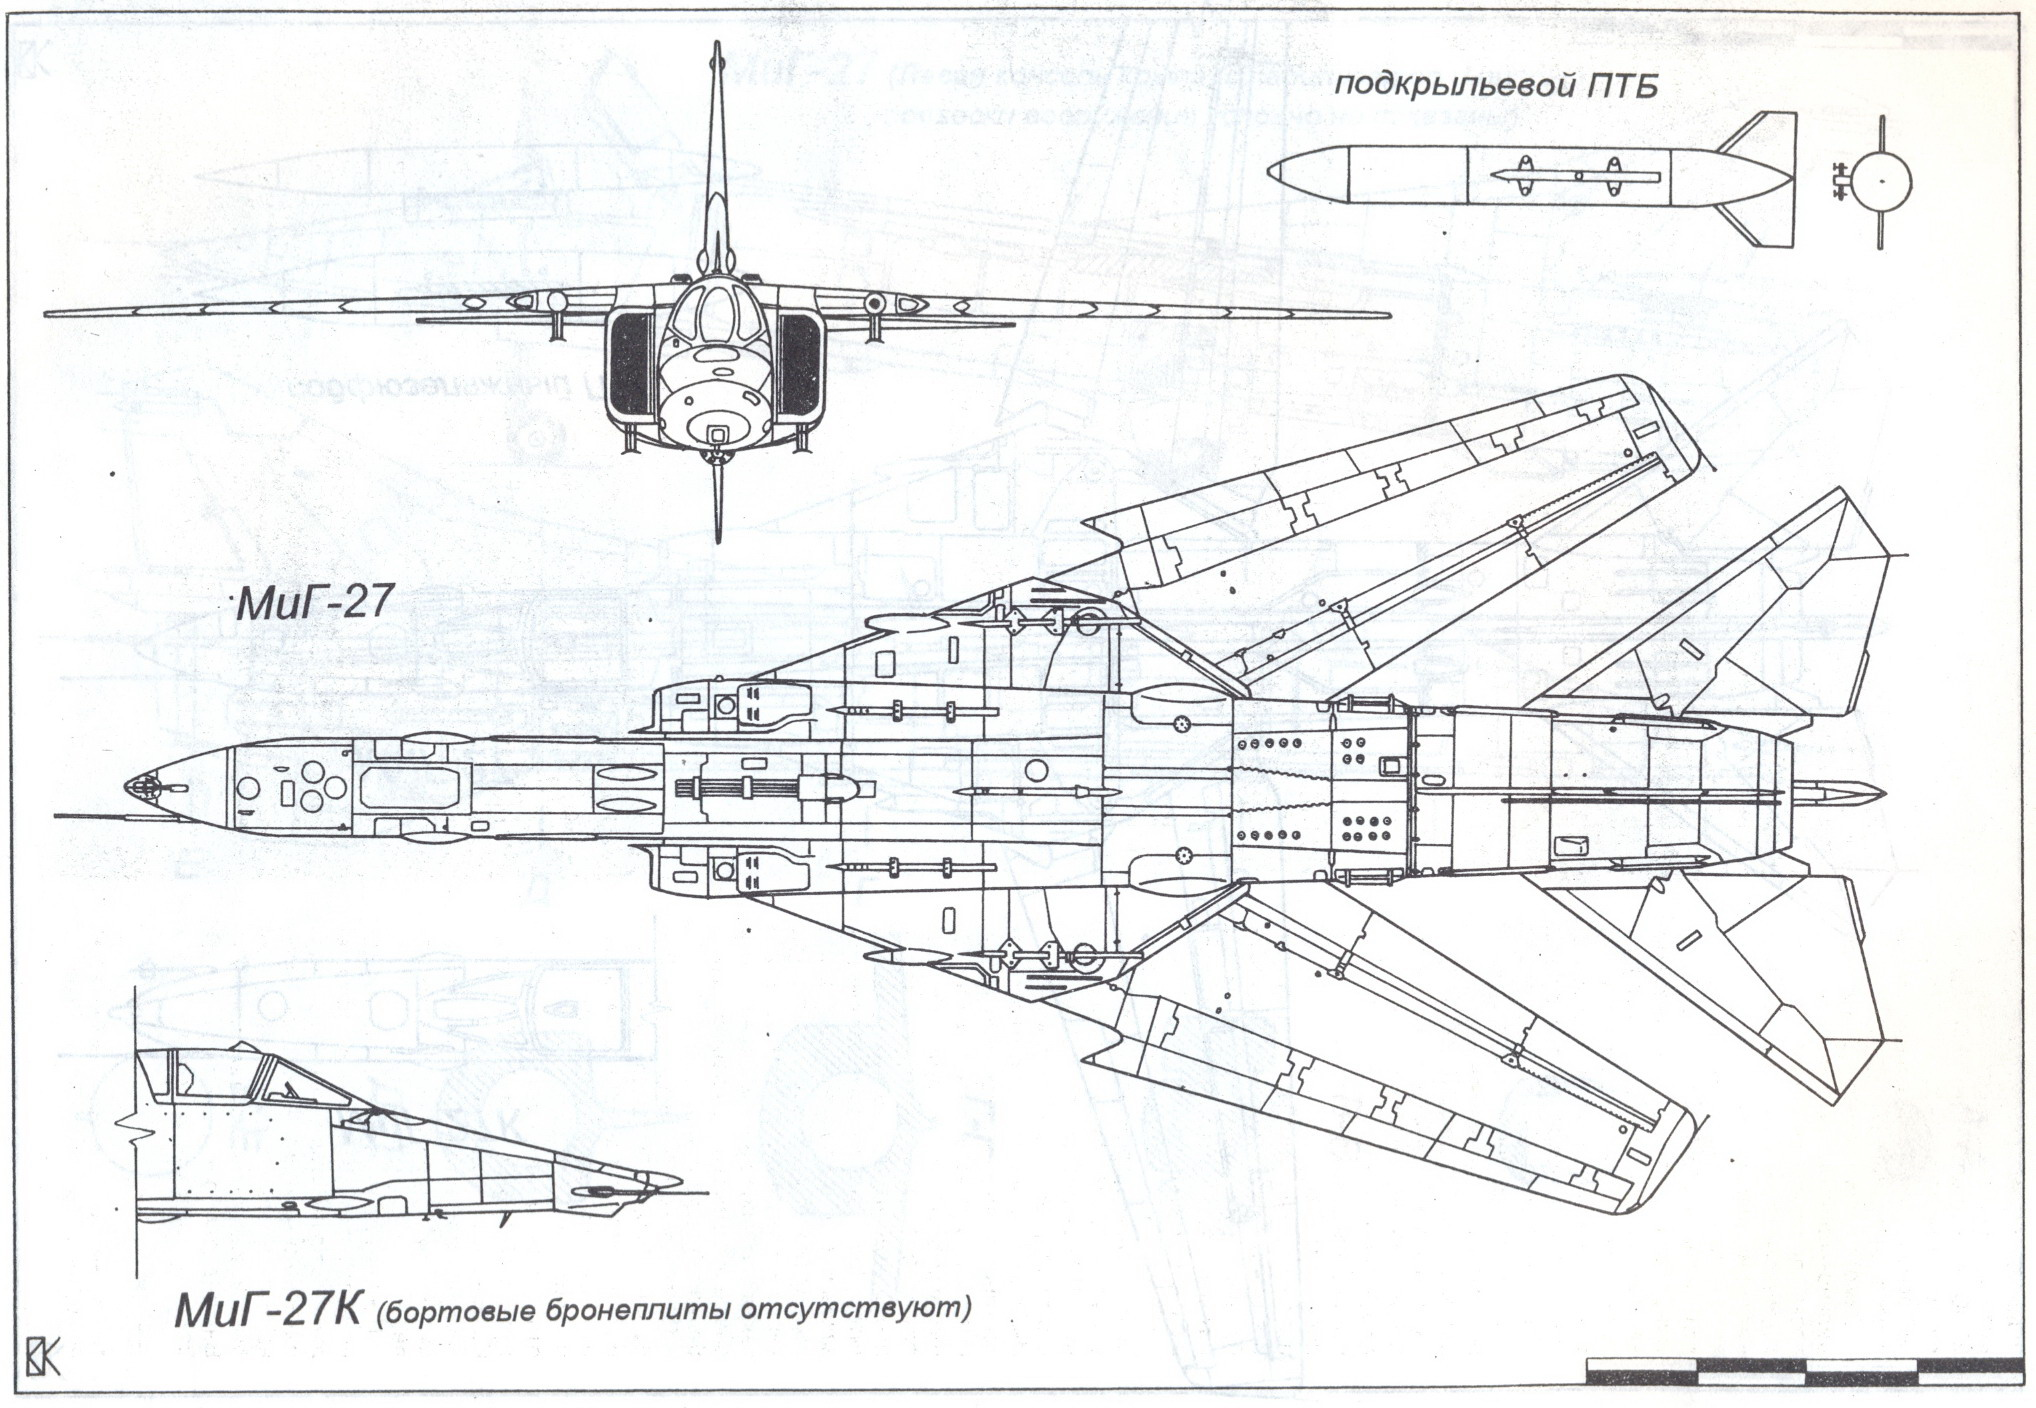 mikoyan mig-27 blueprint